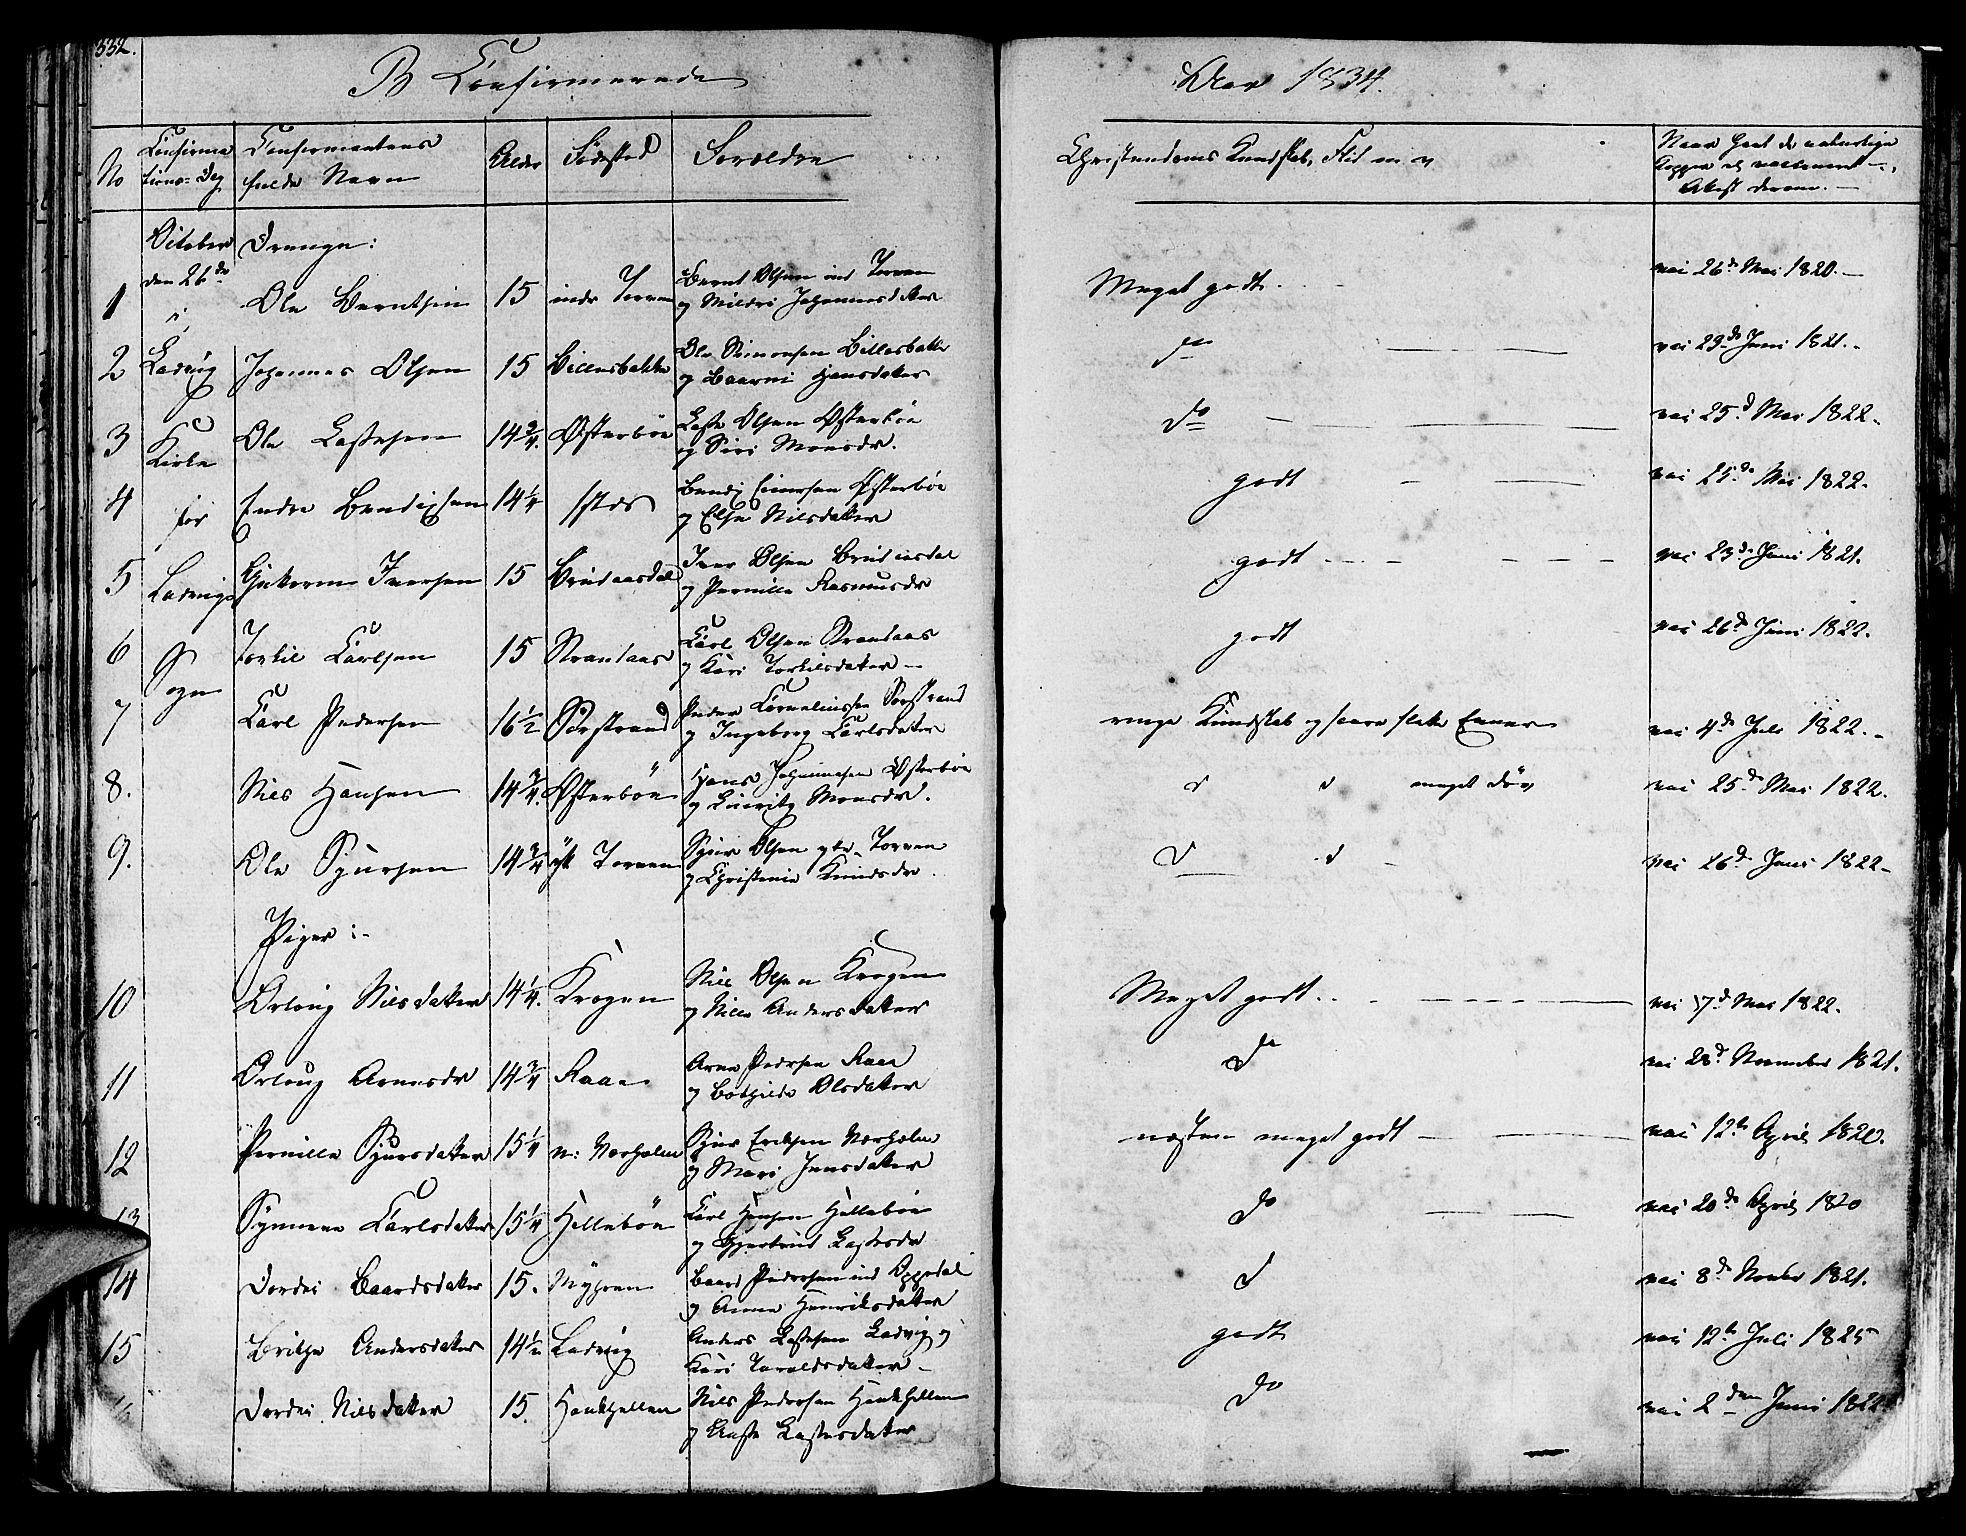 SAB, Lavik sokneprestembete, Ministerialbok nr. A 2I, 1821-1842, s. 332